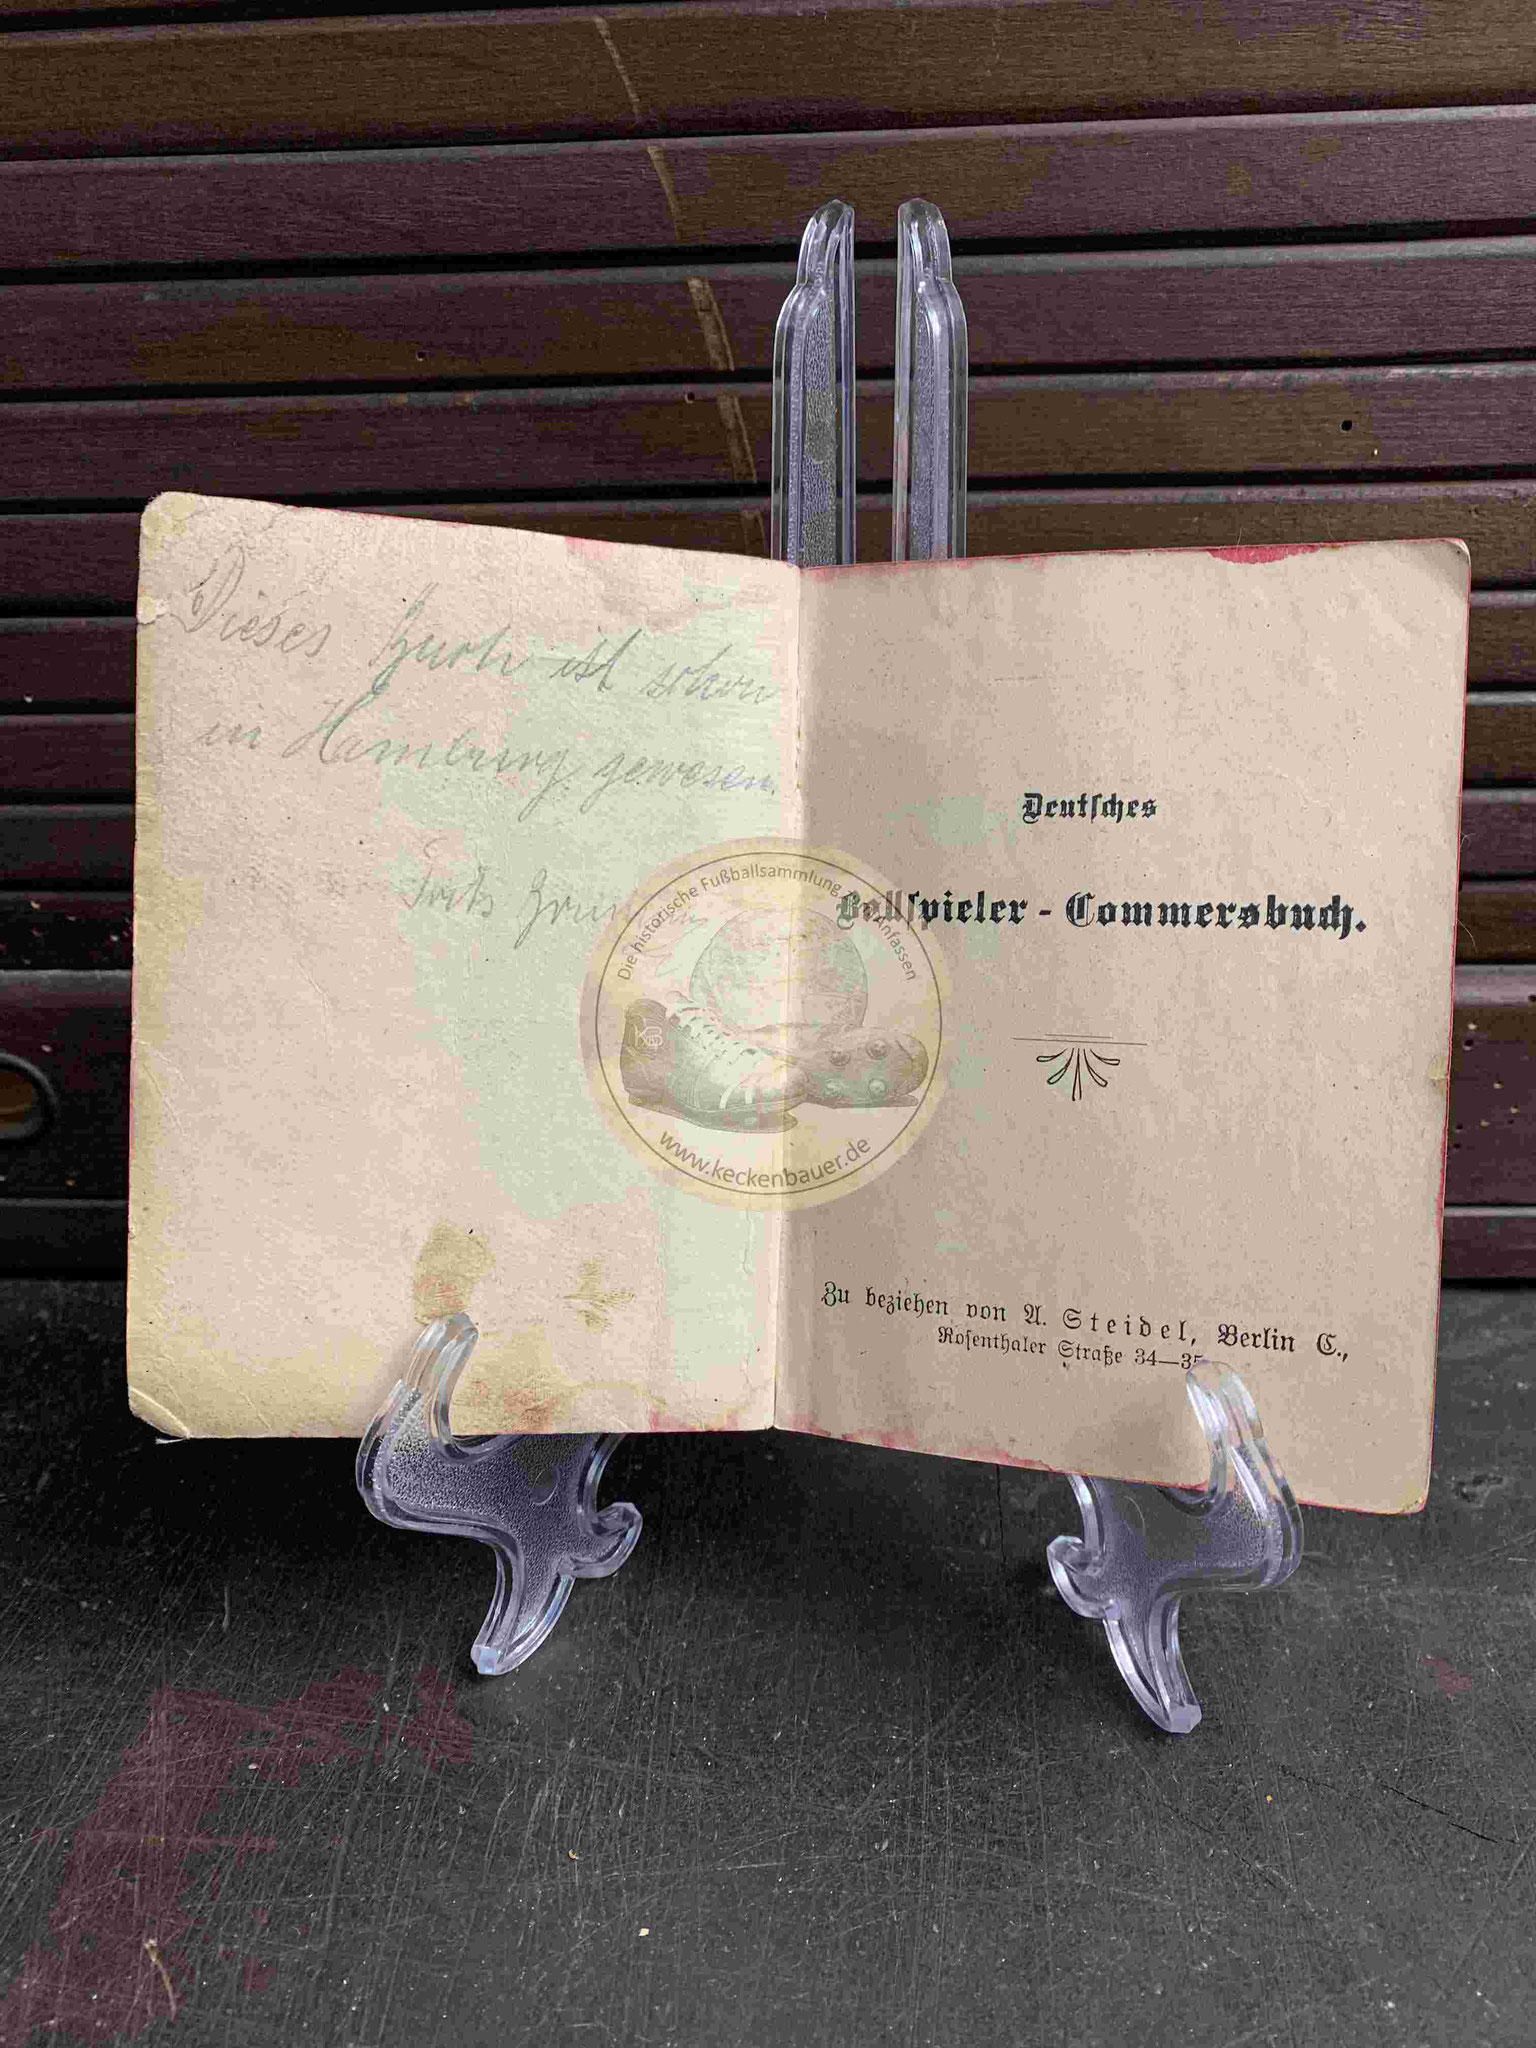 Deutsches Ballspieler- Commersbuch von 1920, Fußball-, Cricket-, Trink- und Volkslieder